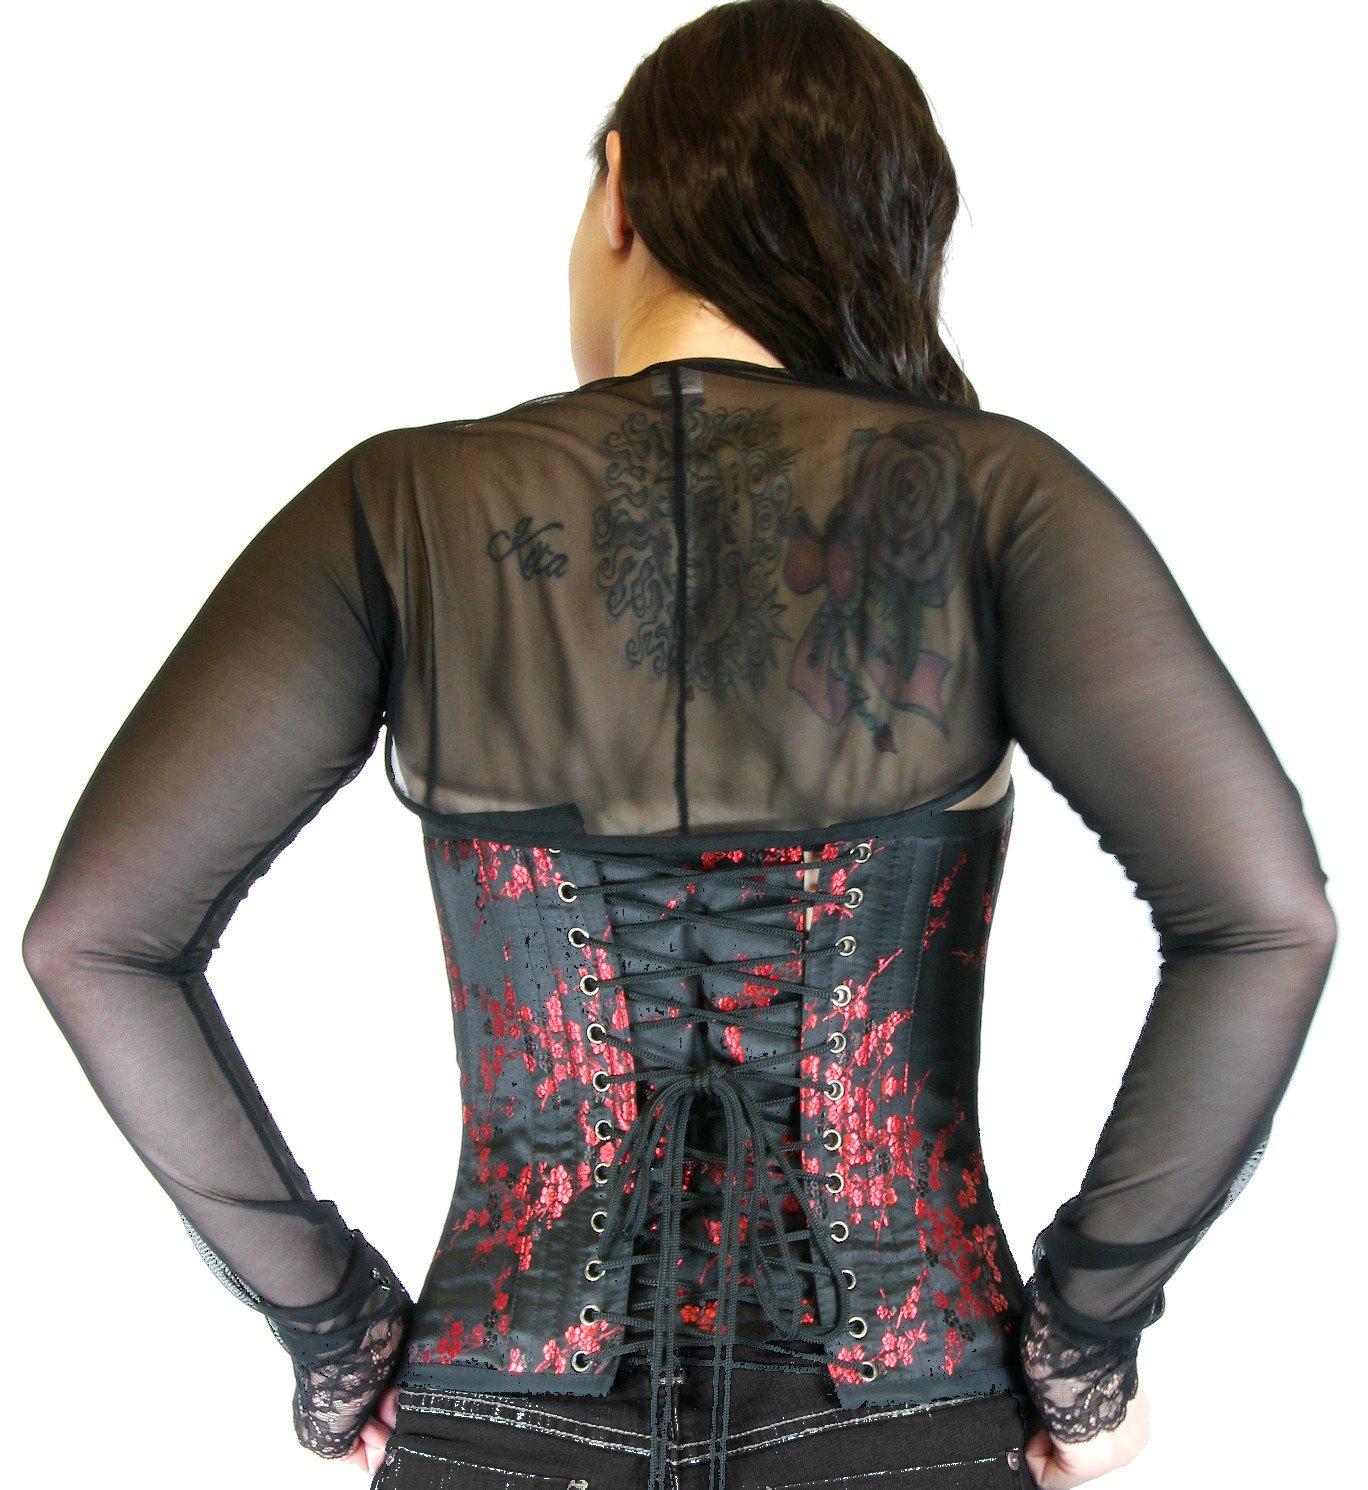 Nyteez Womens Black Fine Sheer Mesh Shrug Bolero (XXlarge) by Nyteez (Image #2)